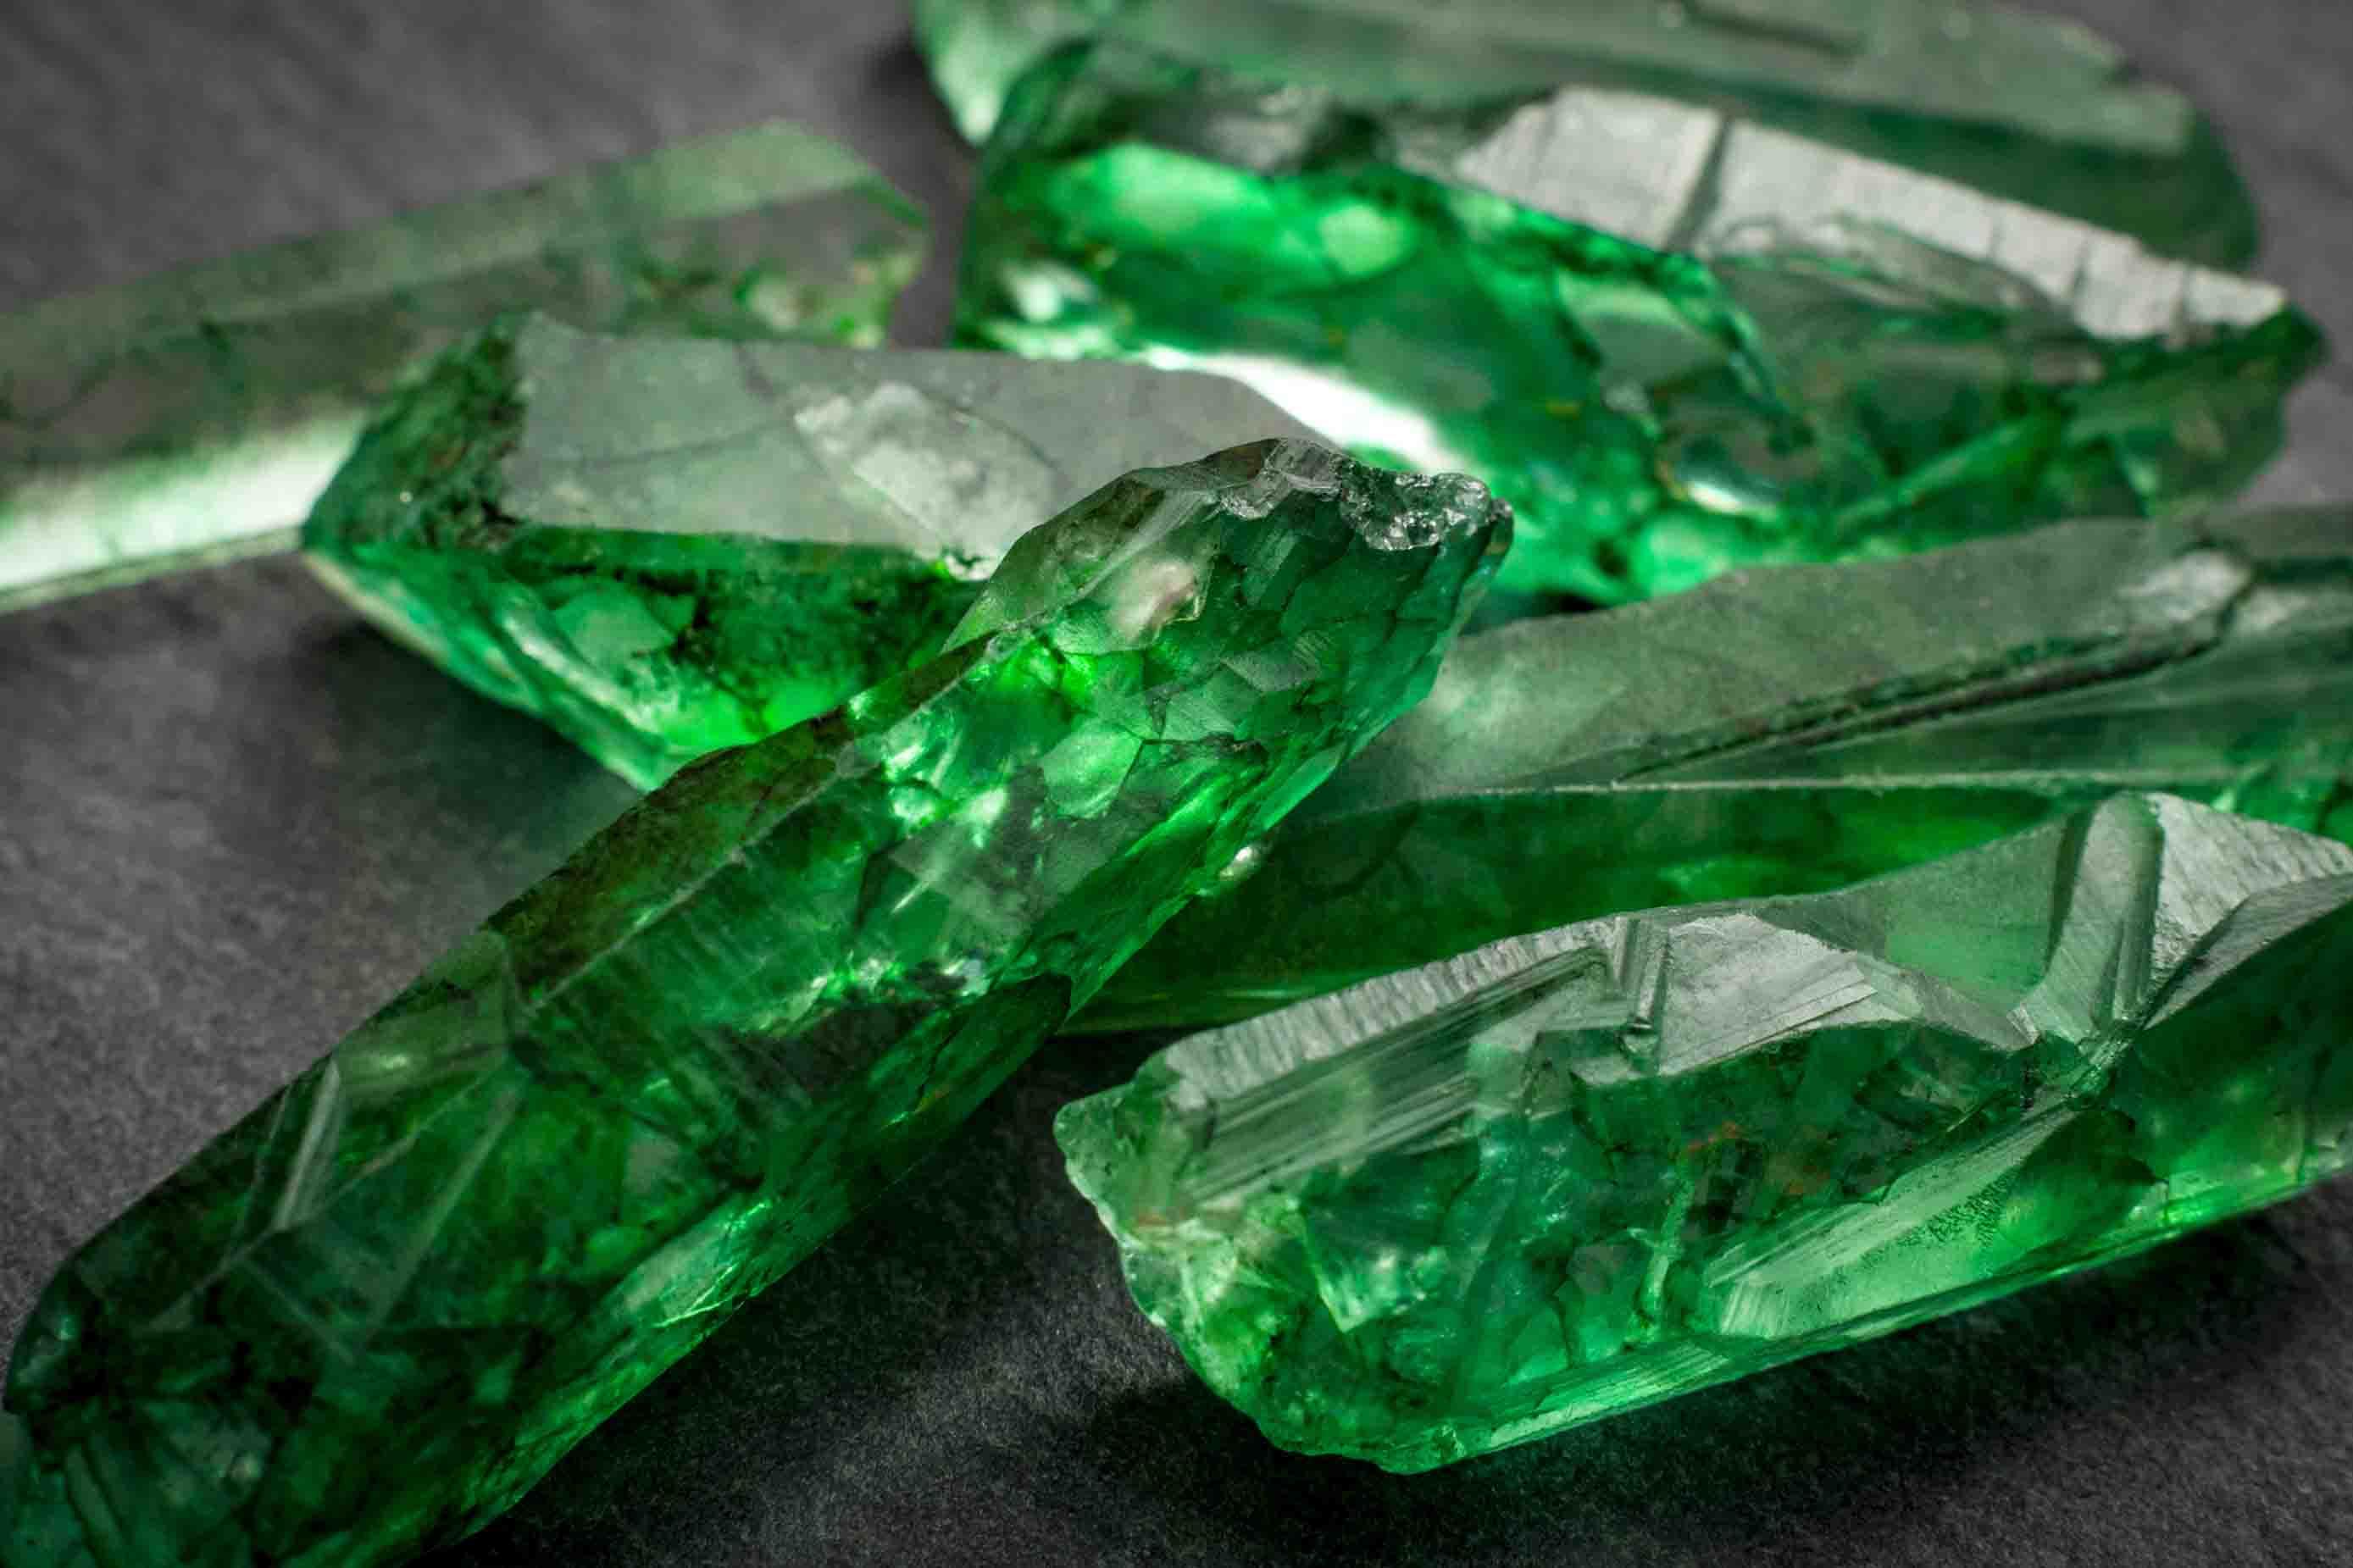 Emerald Guide